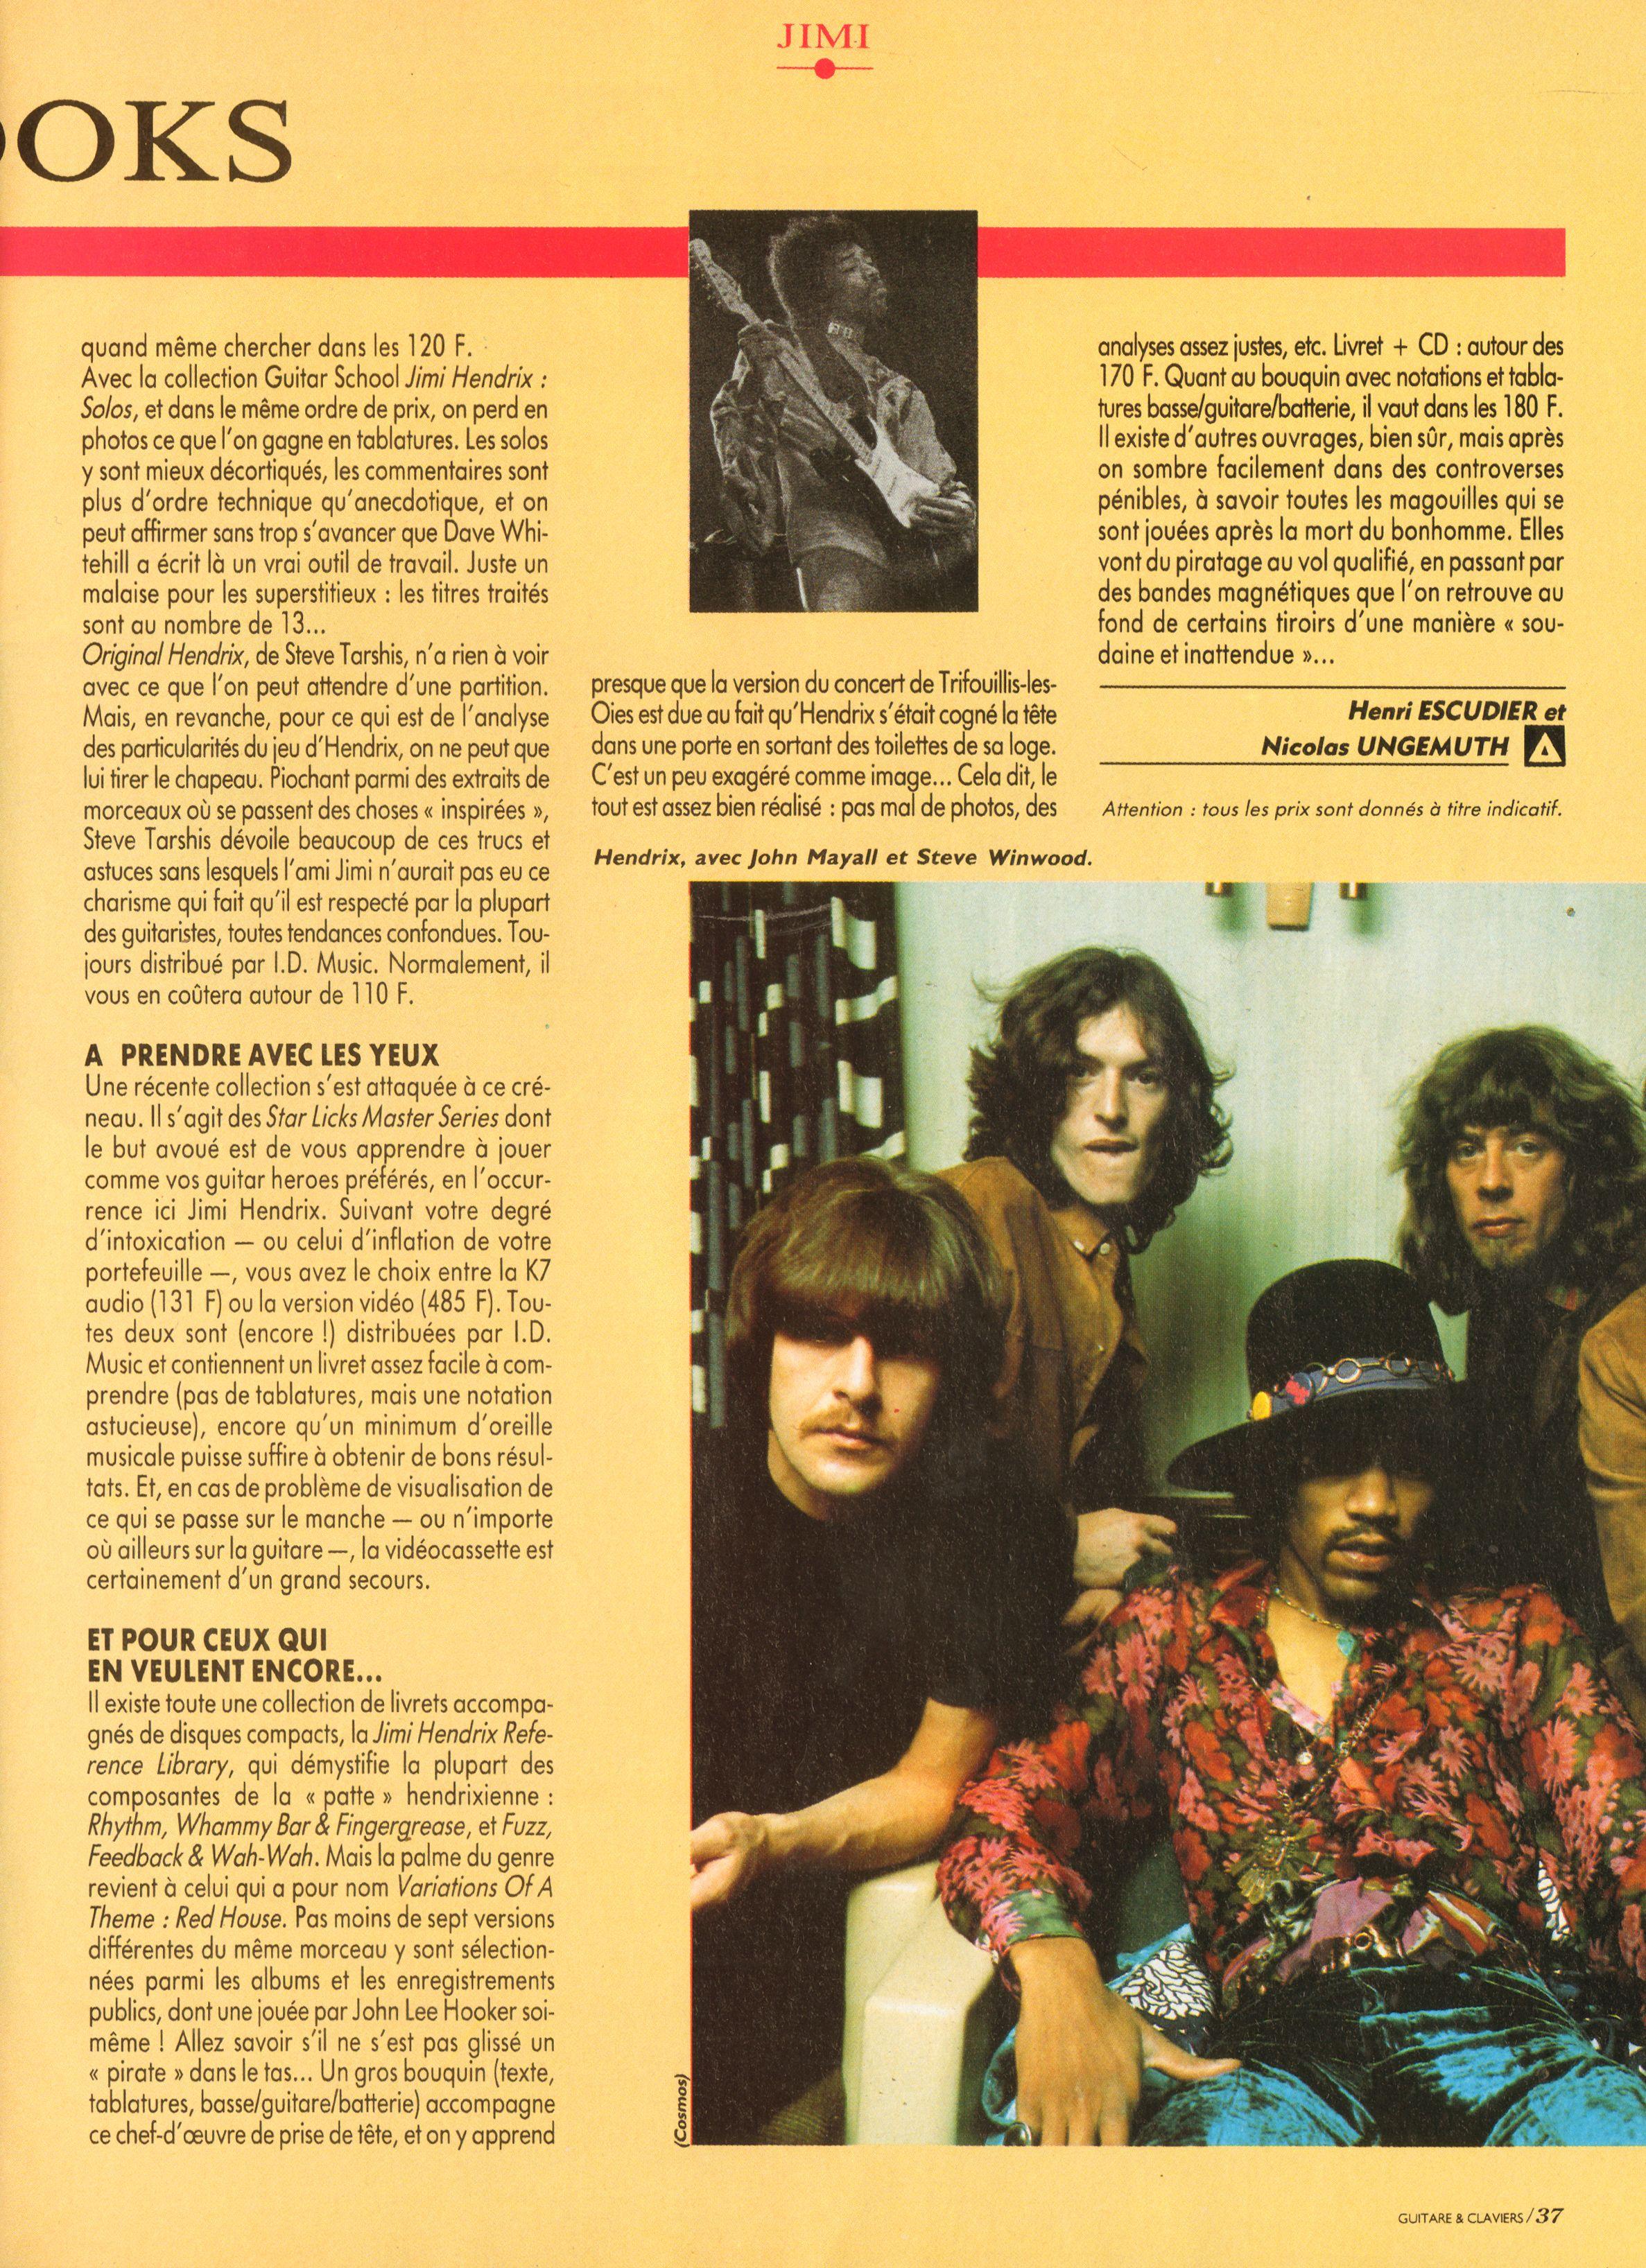 Magazines Français 1989 - 2014 GuitareClaviersJuilletAout1991Page37